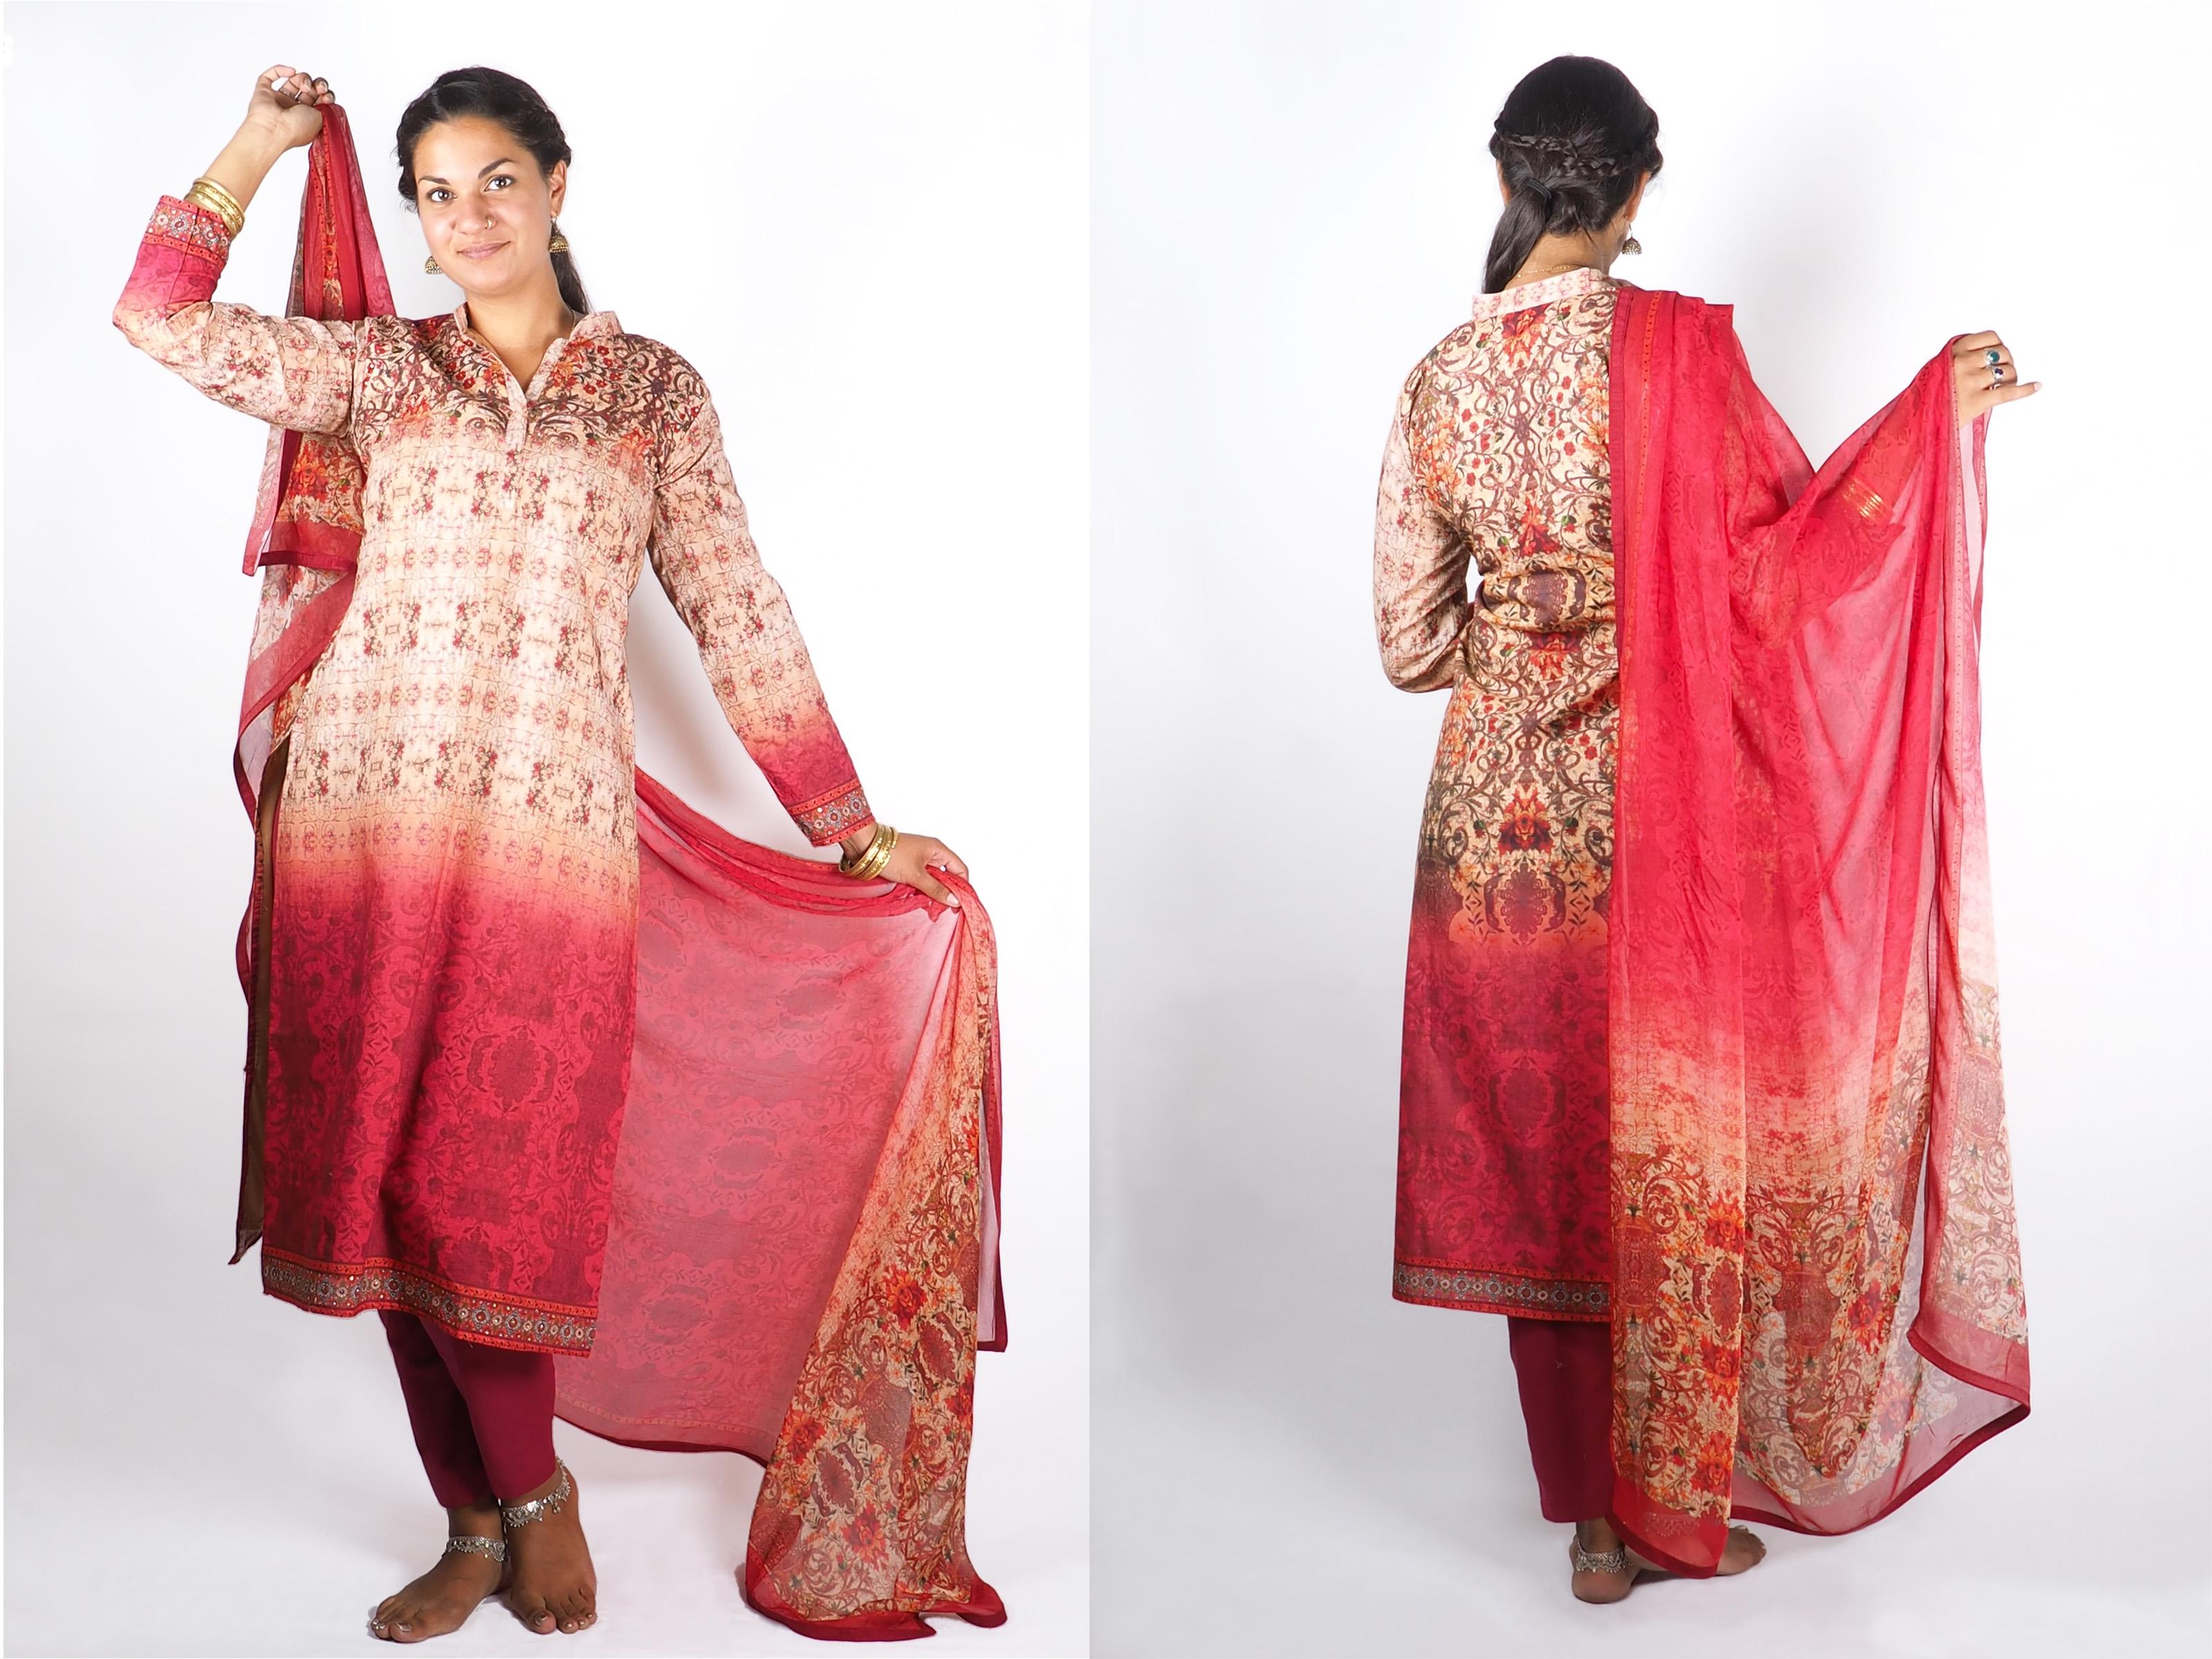 Indische Kleidung Traditionelle Damenmode Online Shop Fur Mode Aus Indien